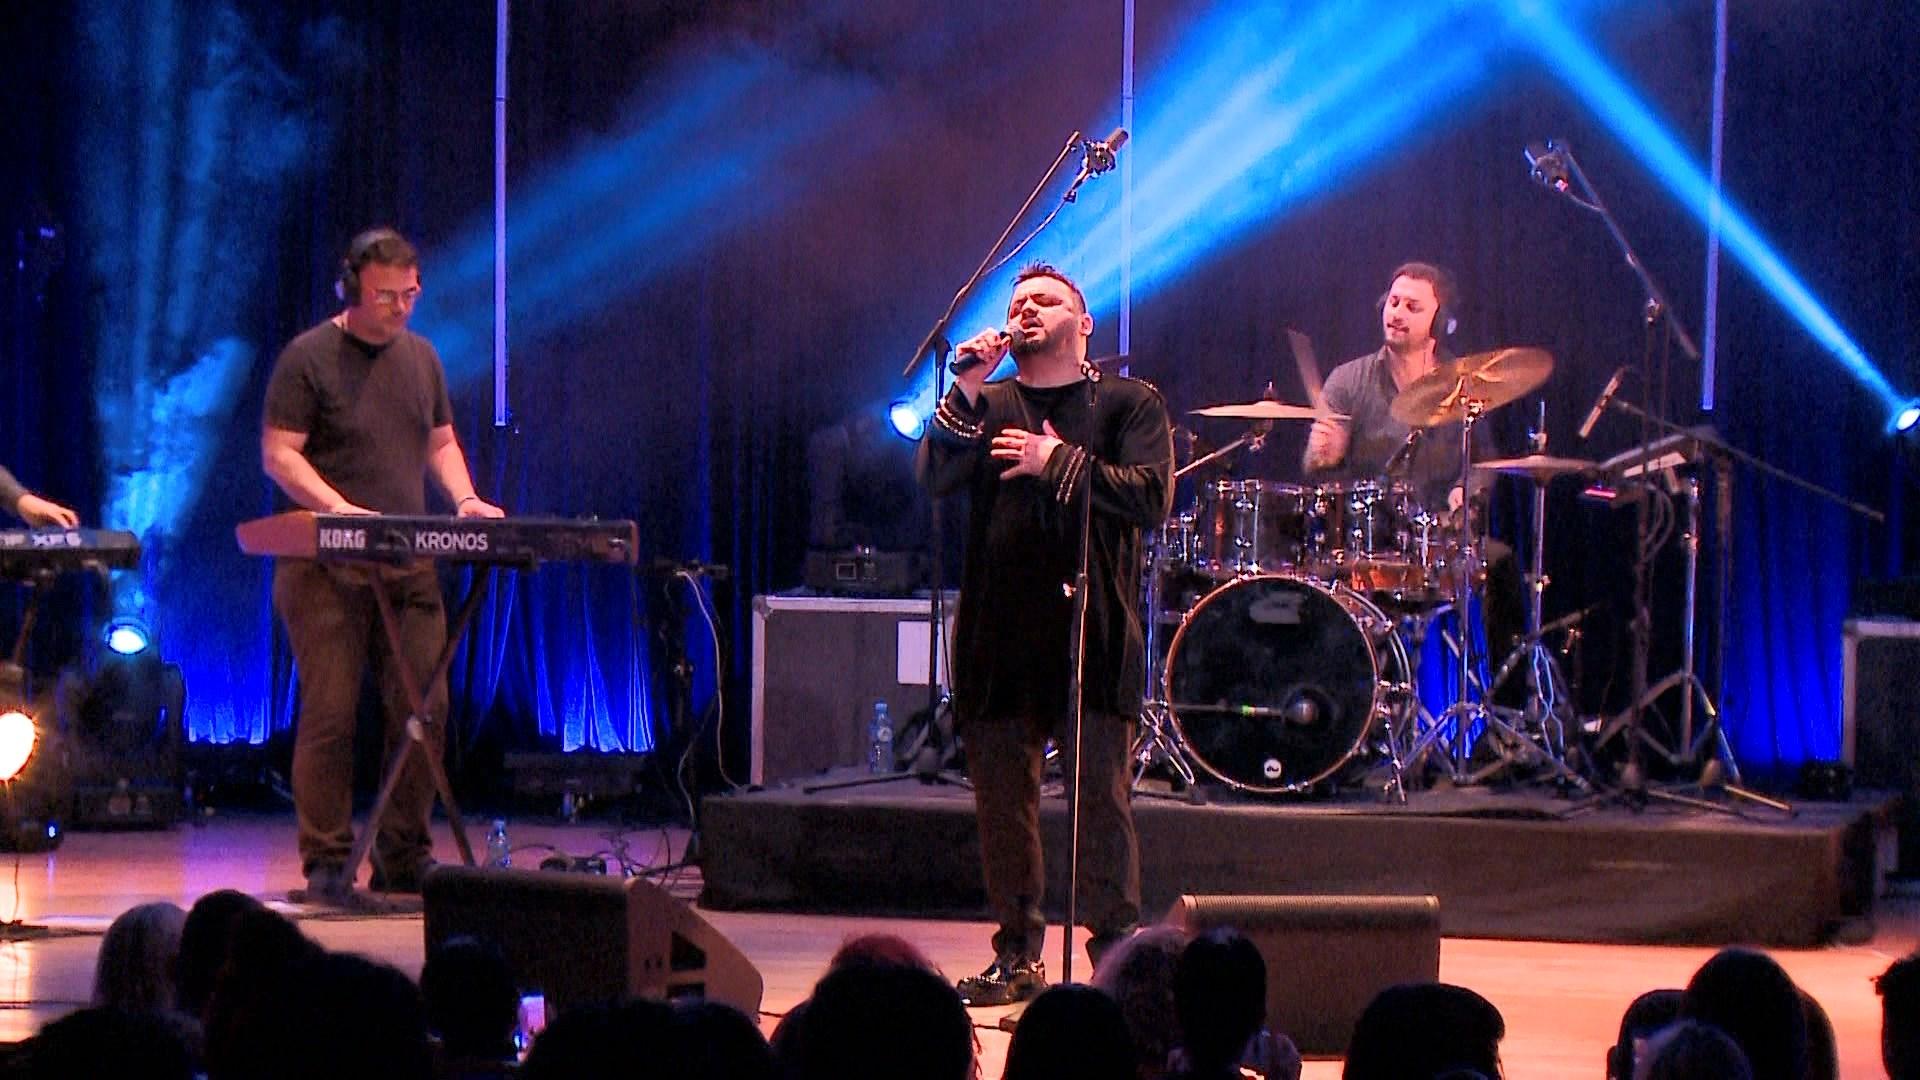 Mirëpritet koncerti recital në Tiranë i Mentor Hazirit